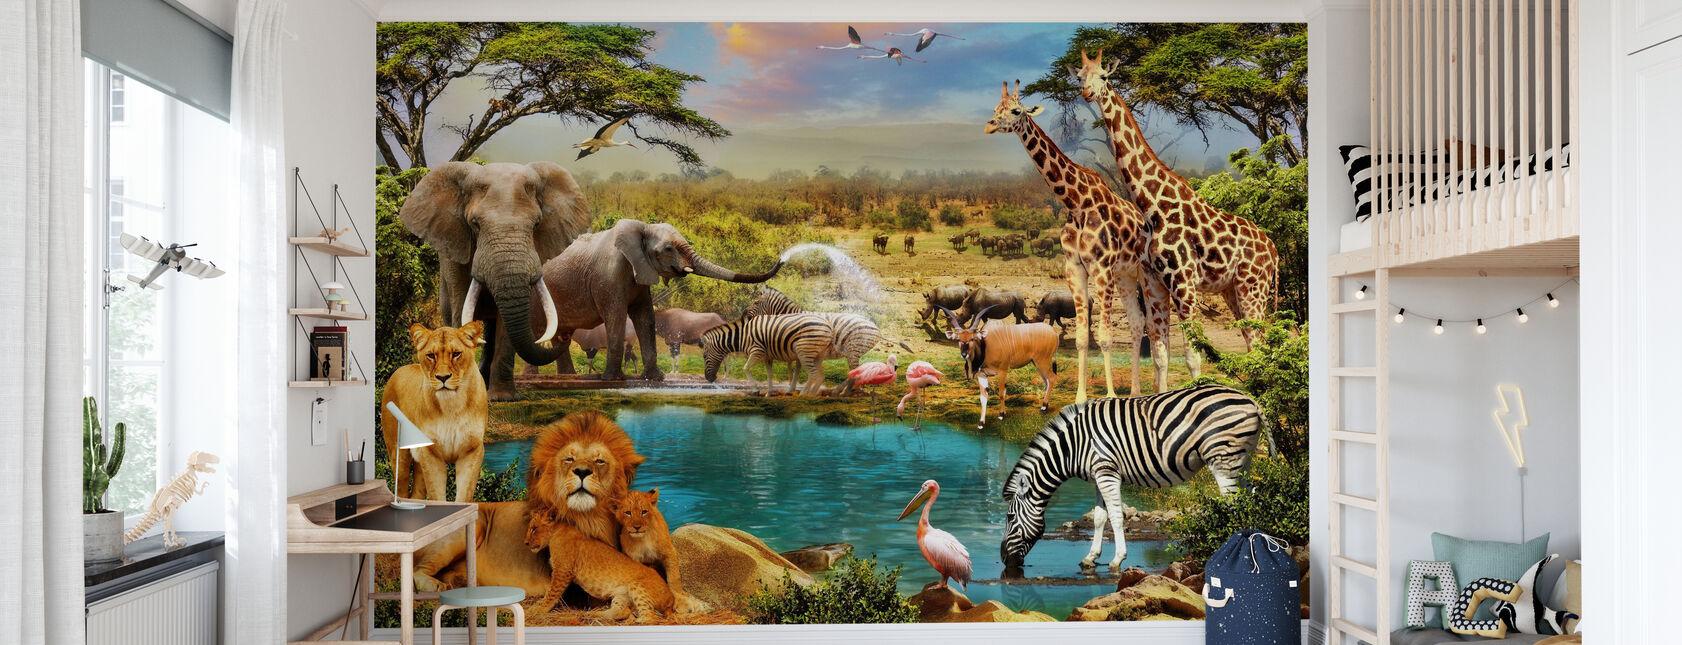 Fantasy Savanna Animals - Wallpaper - Kids Room